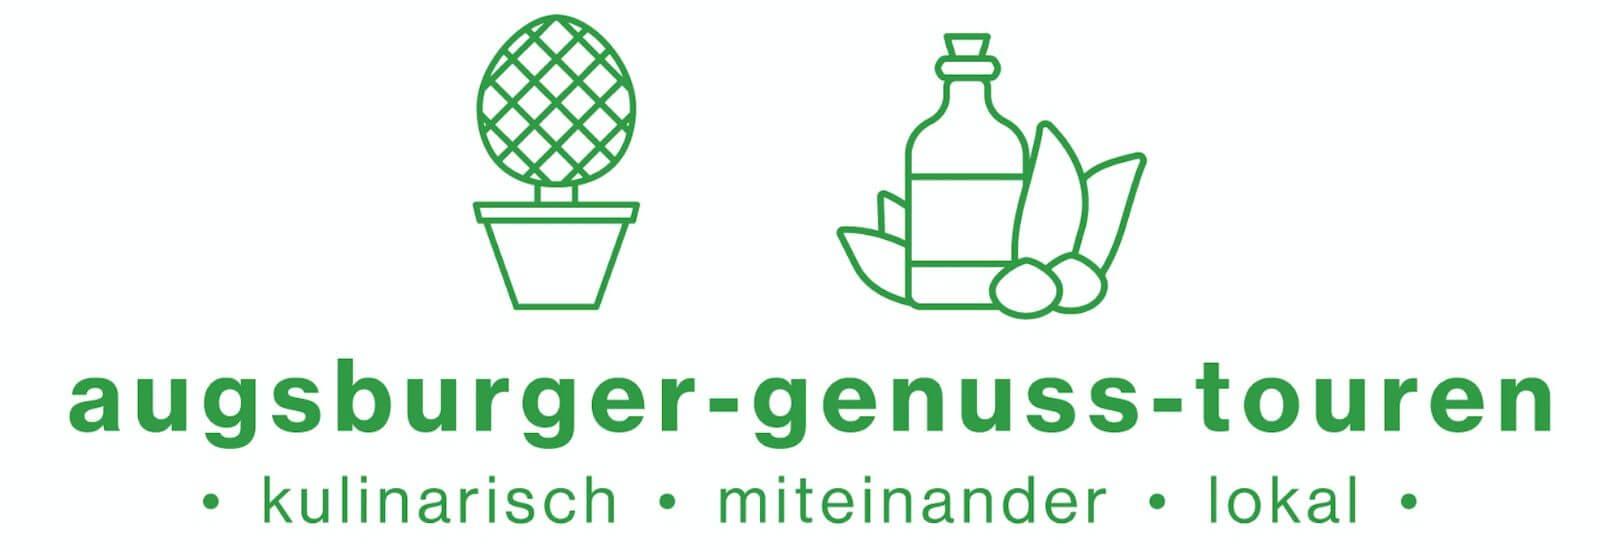 Augsburger Genuss Touren